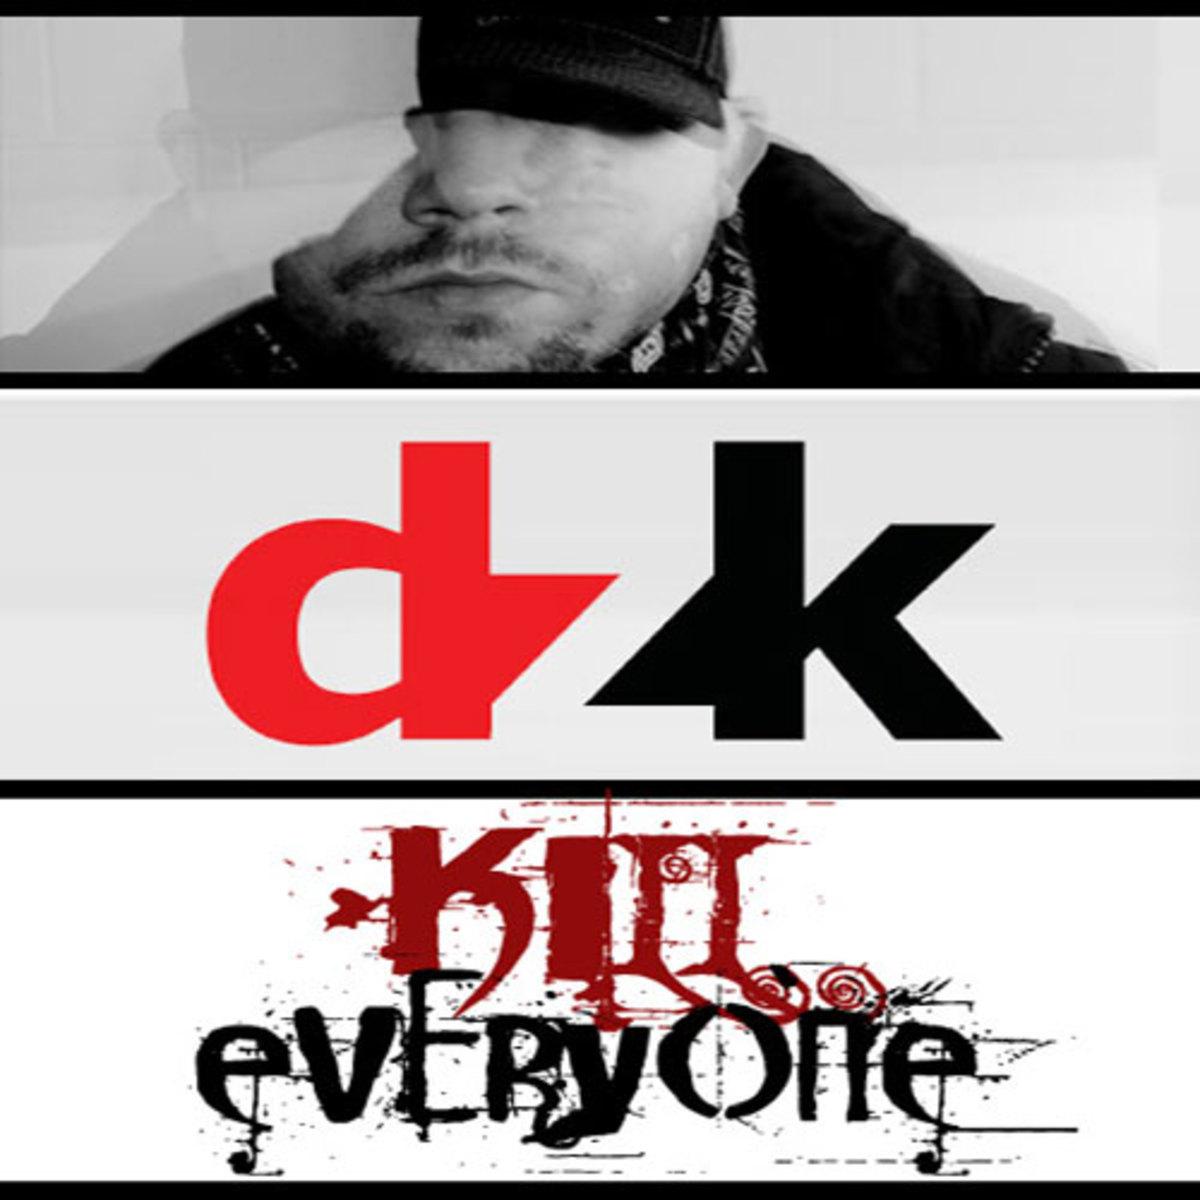 dzk-kill.jpg